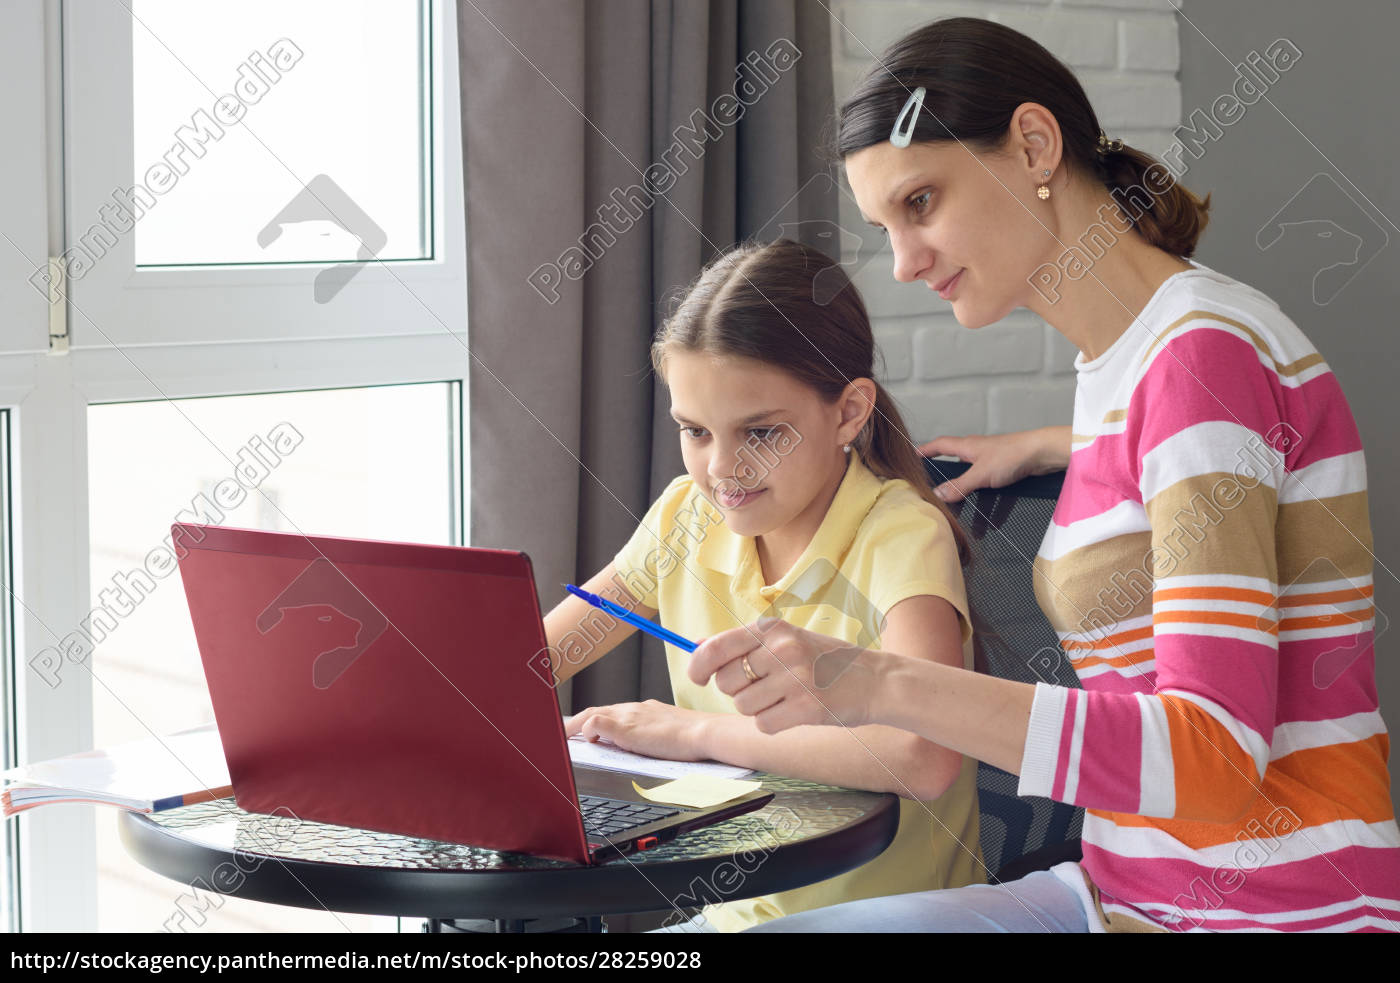 a, tutor, helps, a, girl, learn - 28259028